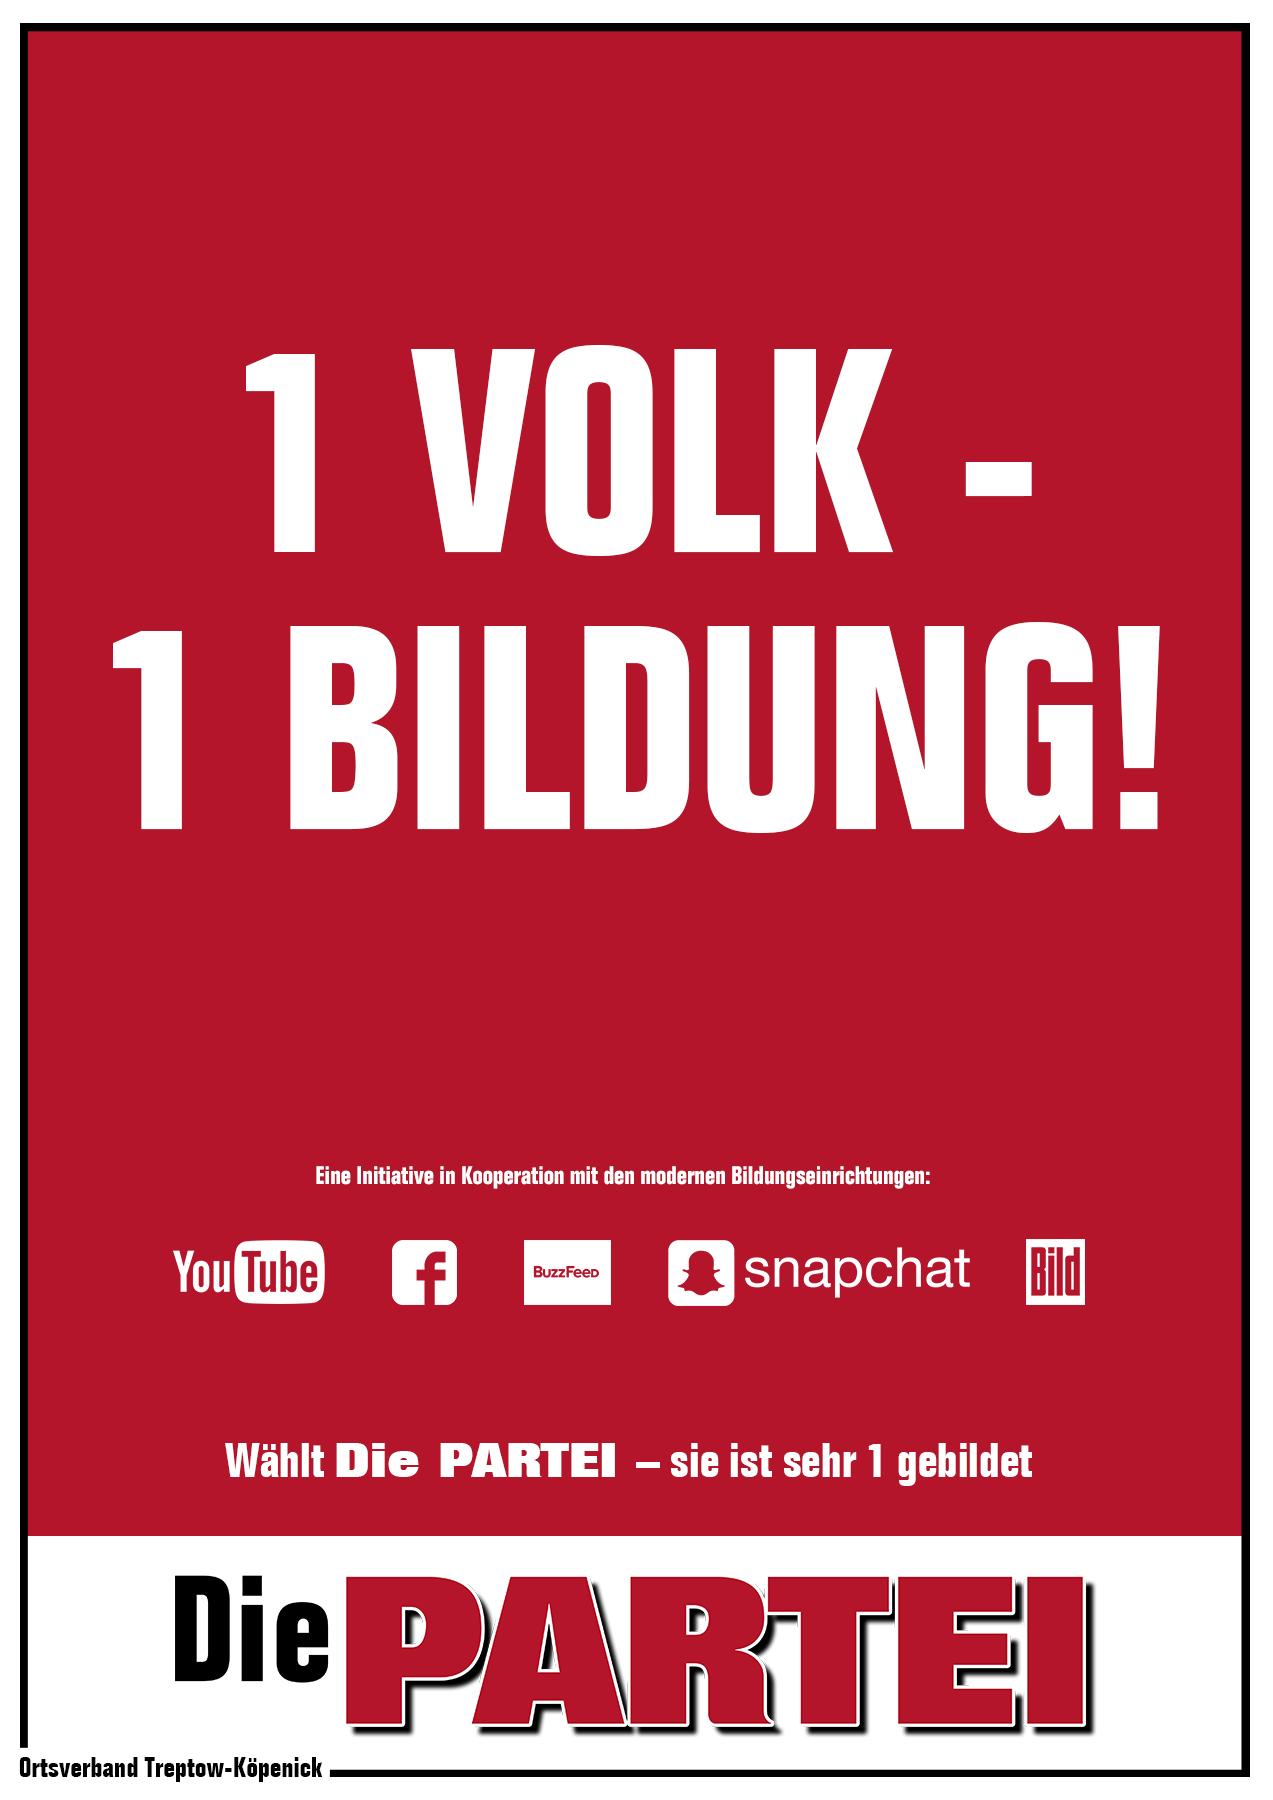 online-plakat-bildung